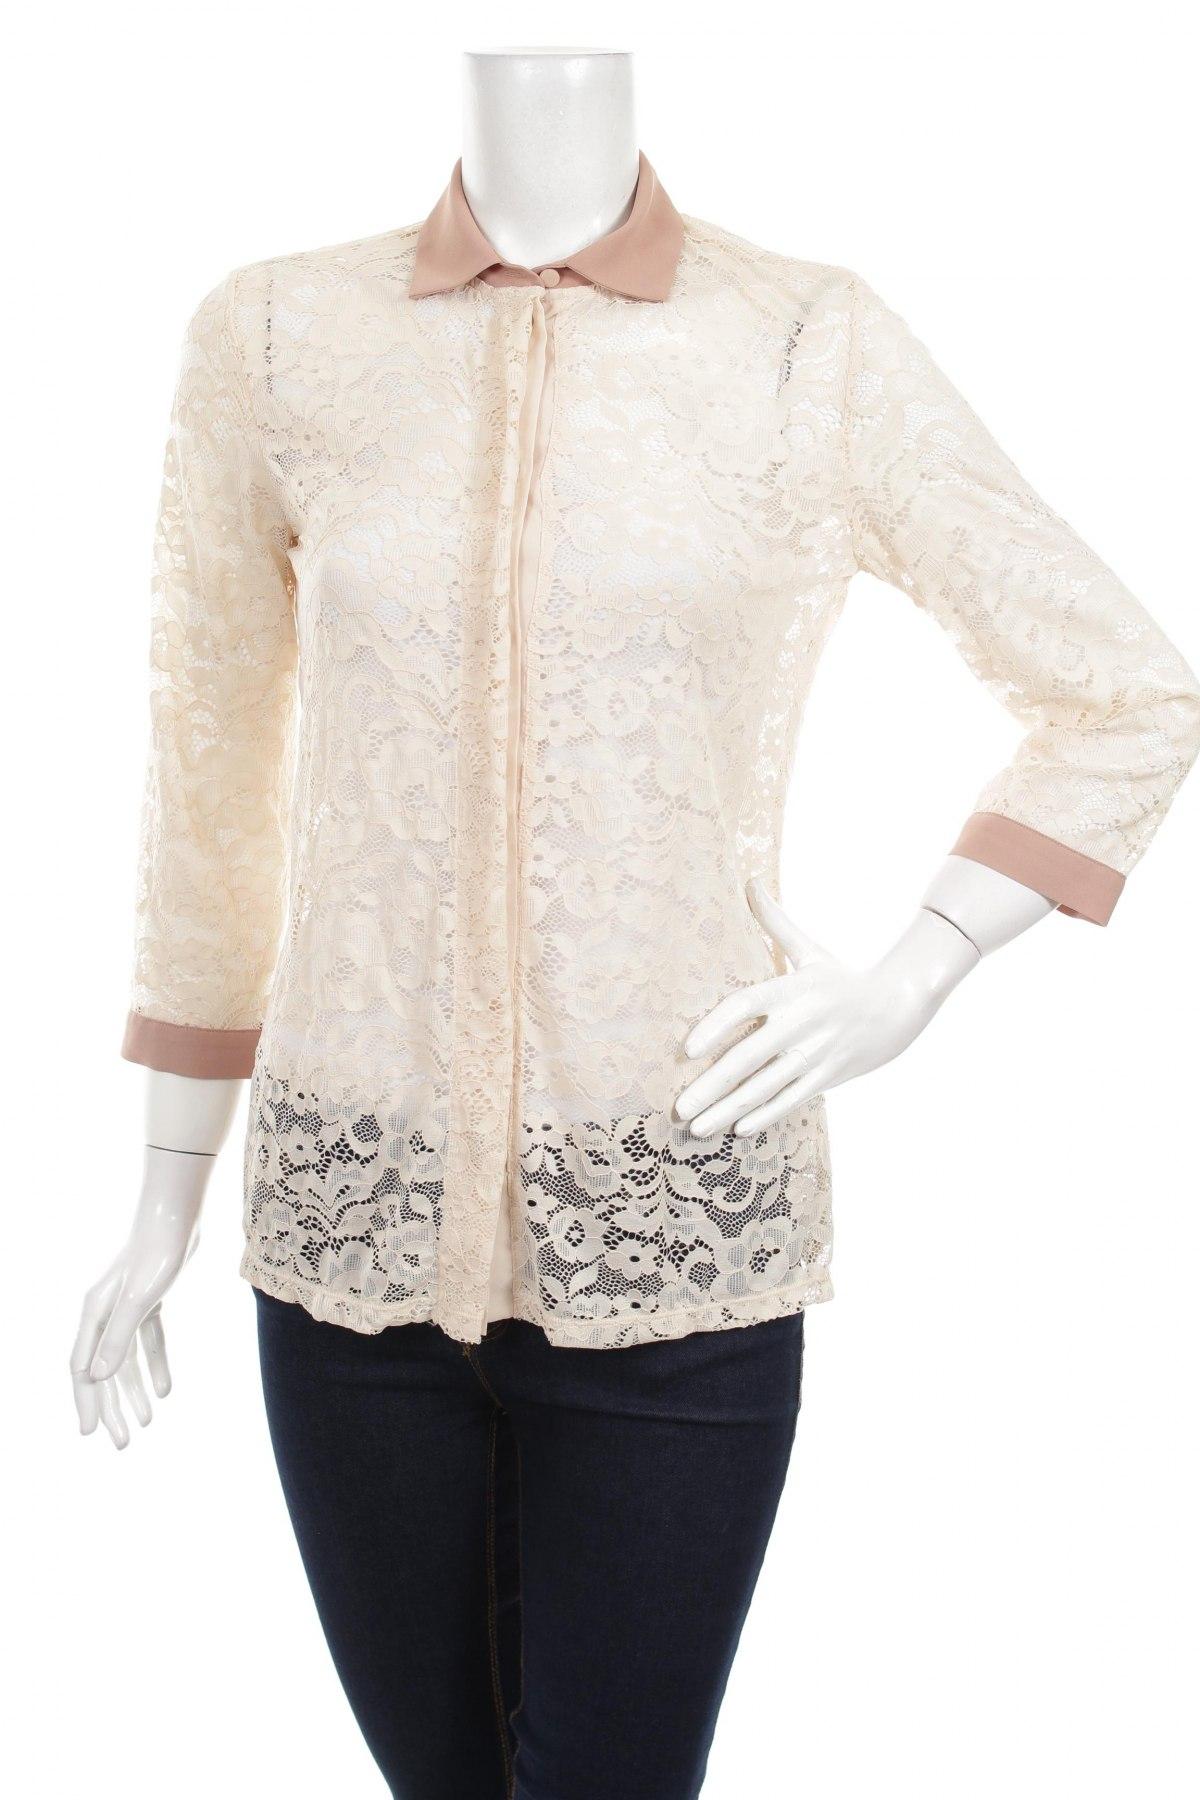 Γυναικείο πουκάμισο Intimissimi, Μέγεθος M, Χρώμα Εκρού, 87% πολυαμίδη, 13% ελαστάνη, Τιμή 21,65€